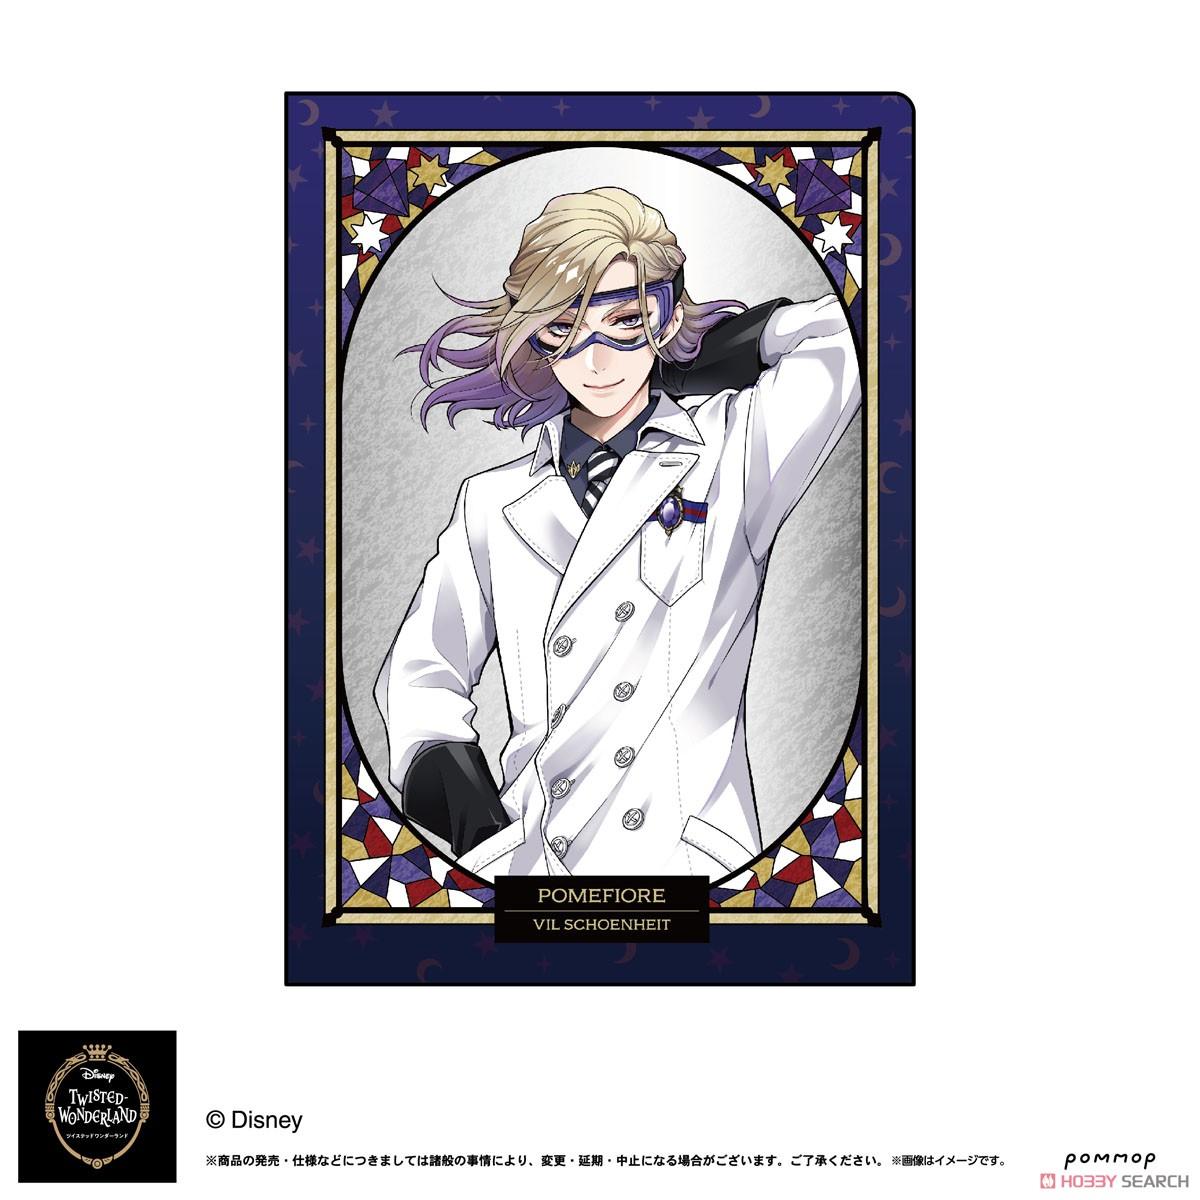 ディズニー ツイステッドワンダーランド『A5ダブルクリアファイルコレクション A』11個入りBOX-010